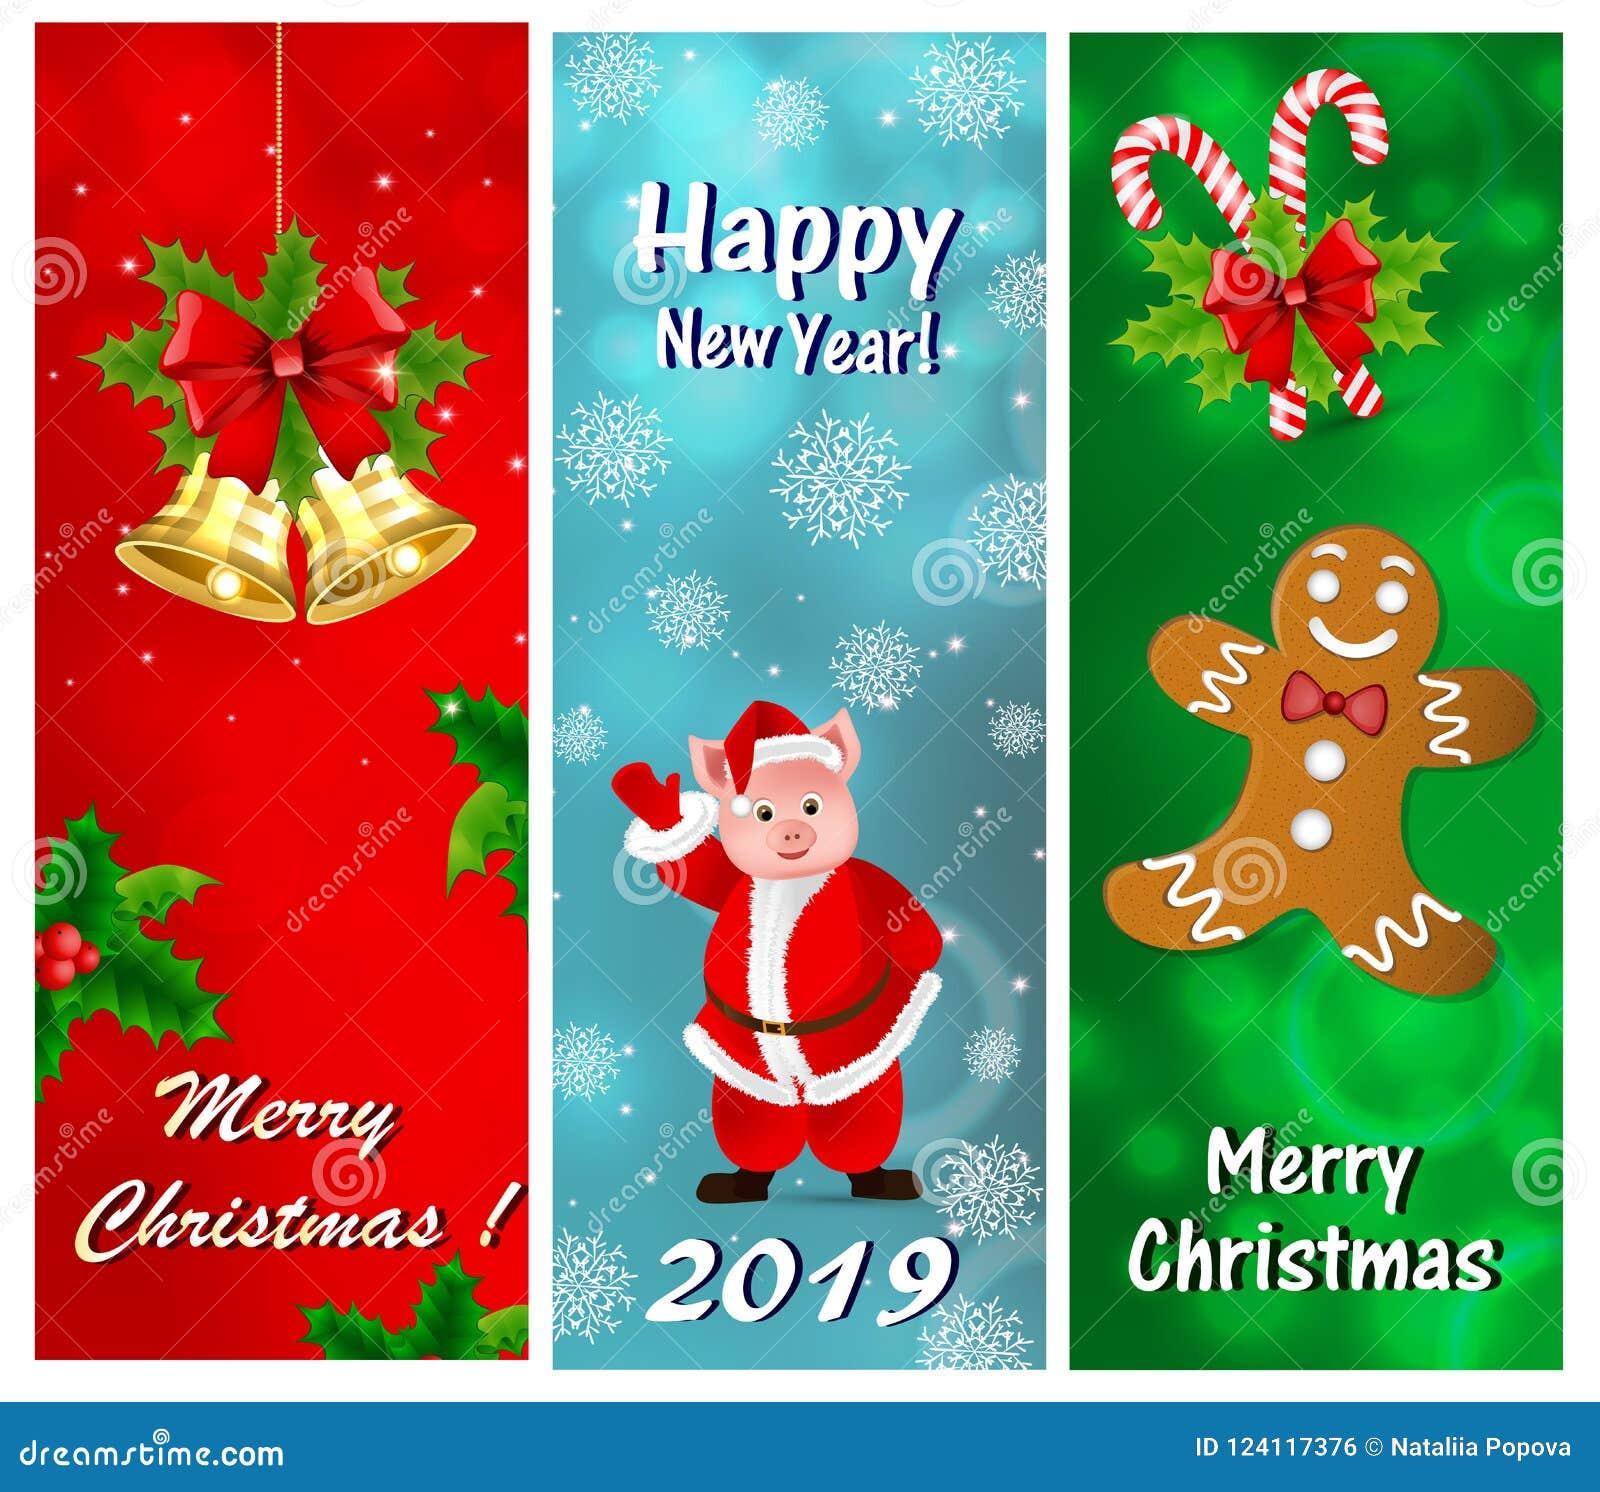 Een reeks groetkaarten voor het Nieuwjaar en Kerstmis